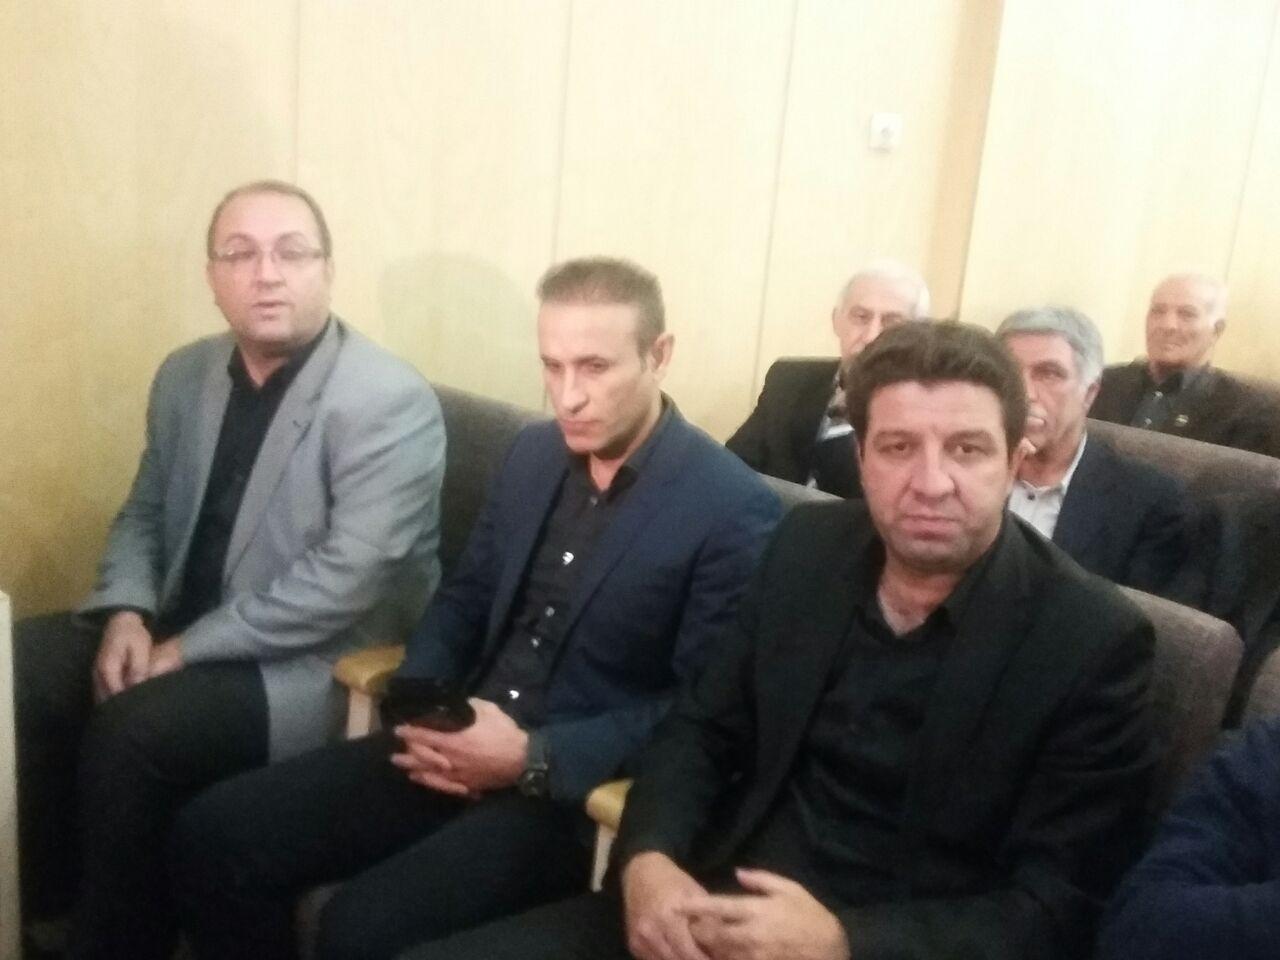 مراسم ختم زنده یاد منصور پورحیدری+عکس